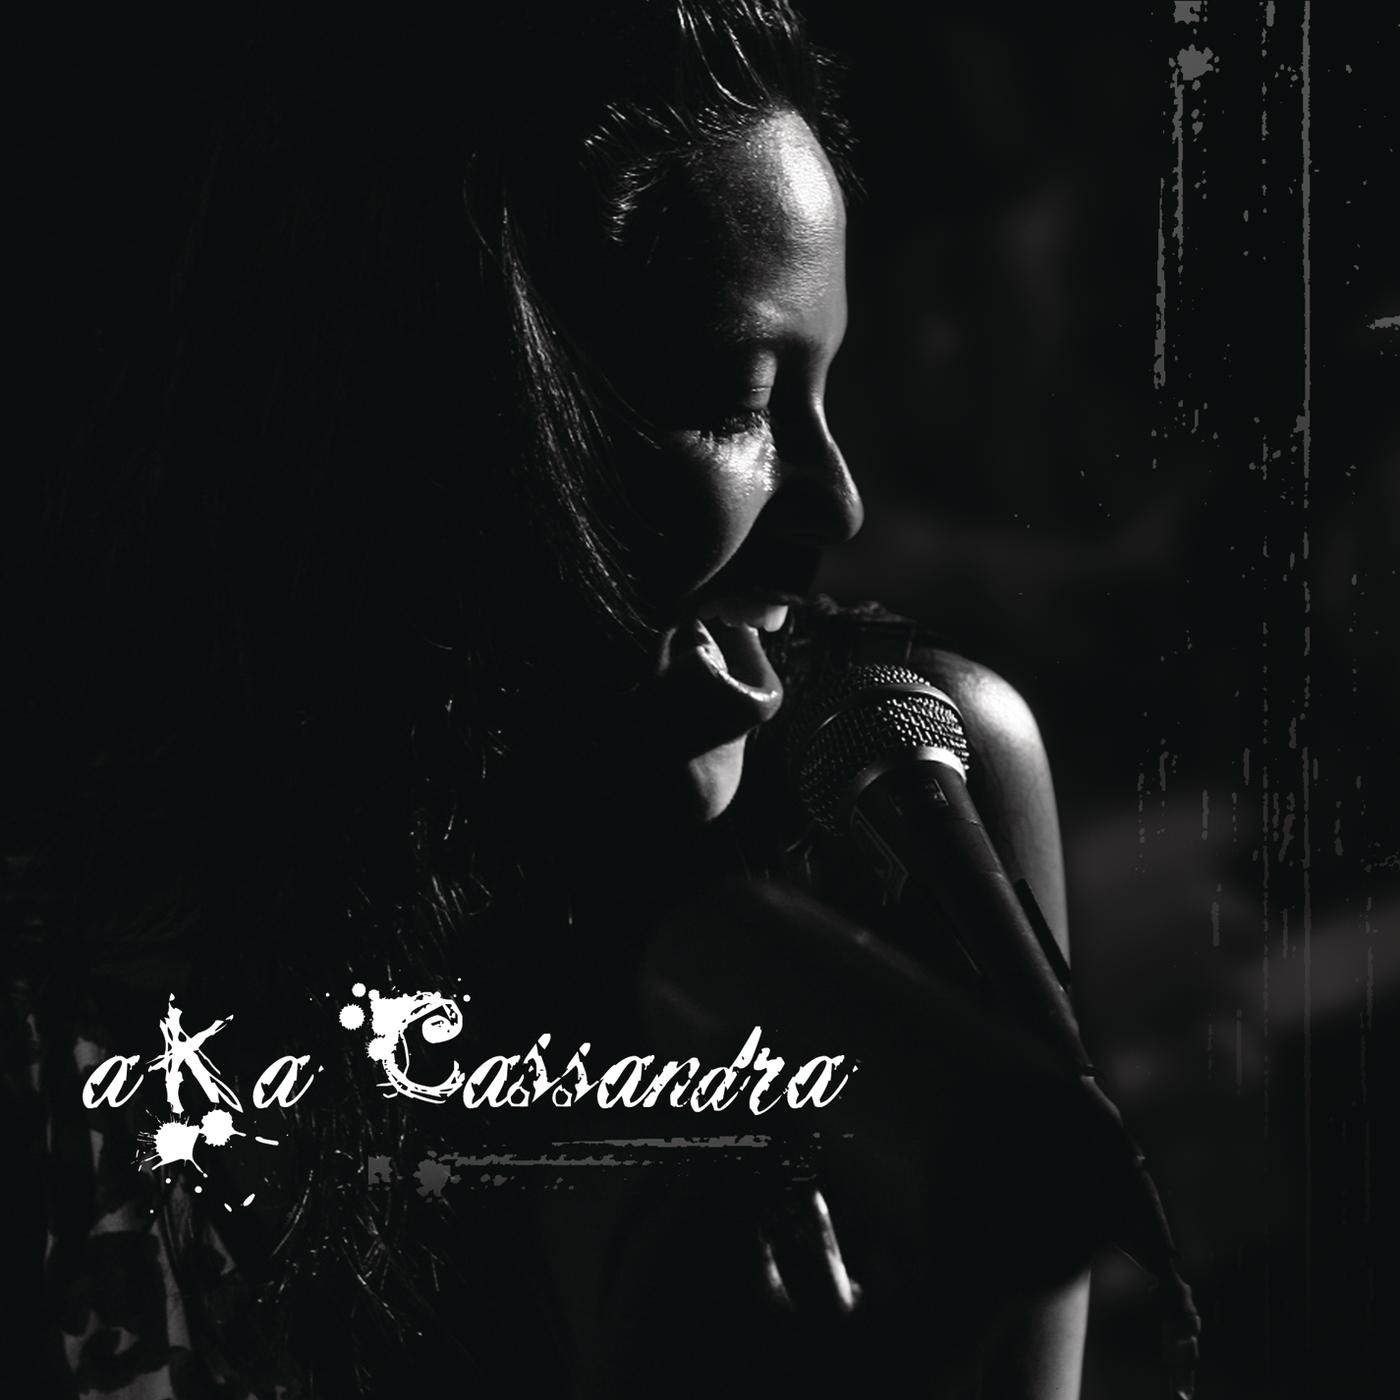 A.K.A Cassandra - KC Concepcion